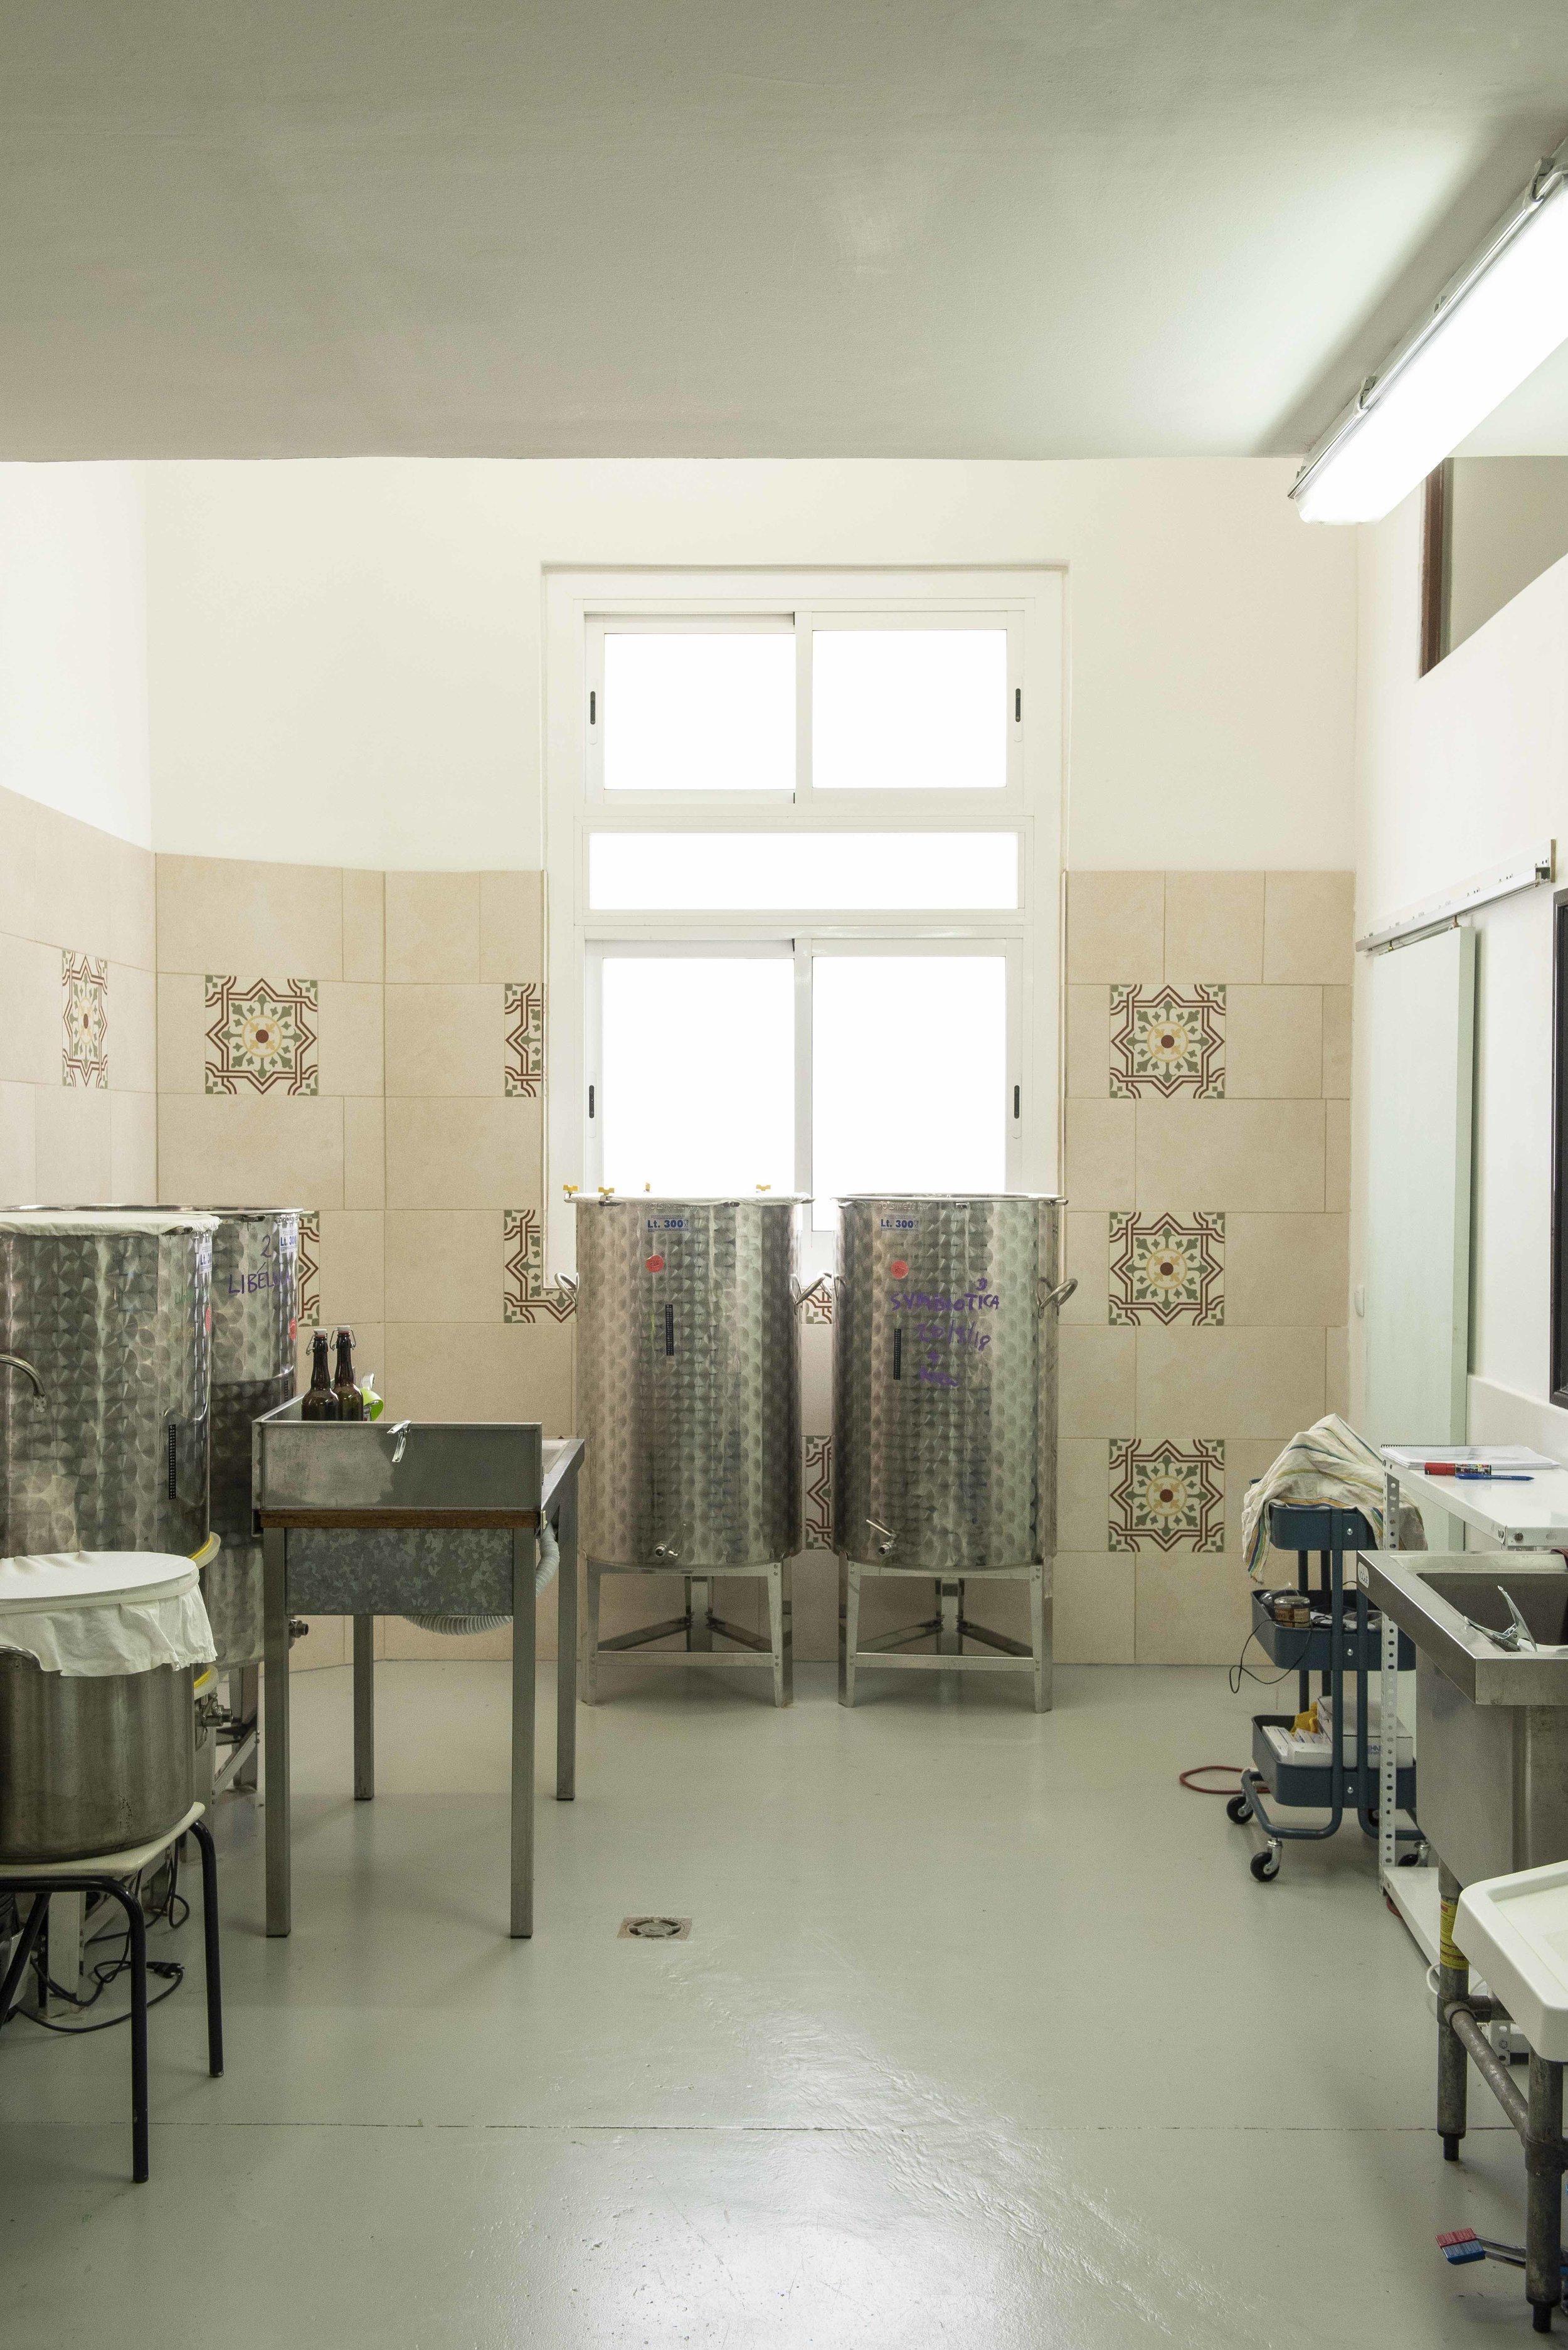 The kombucha lab at Kashaya Kombucha. Photo © Barcelona Food Experience.